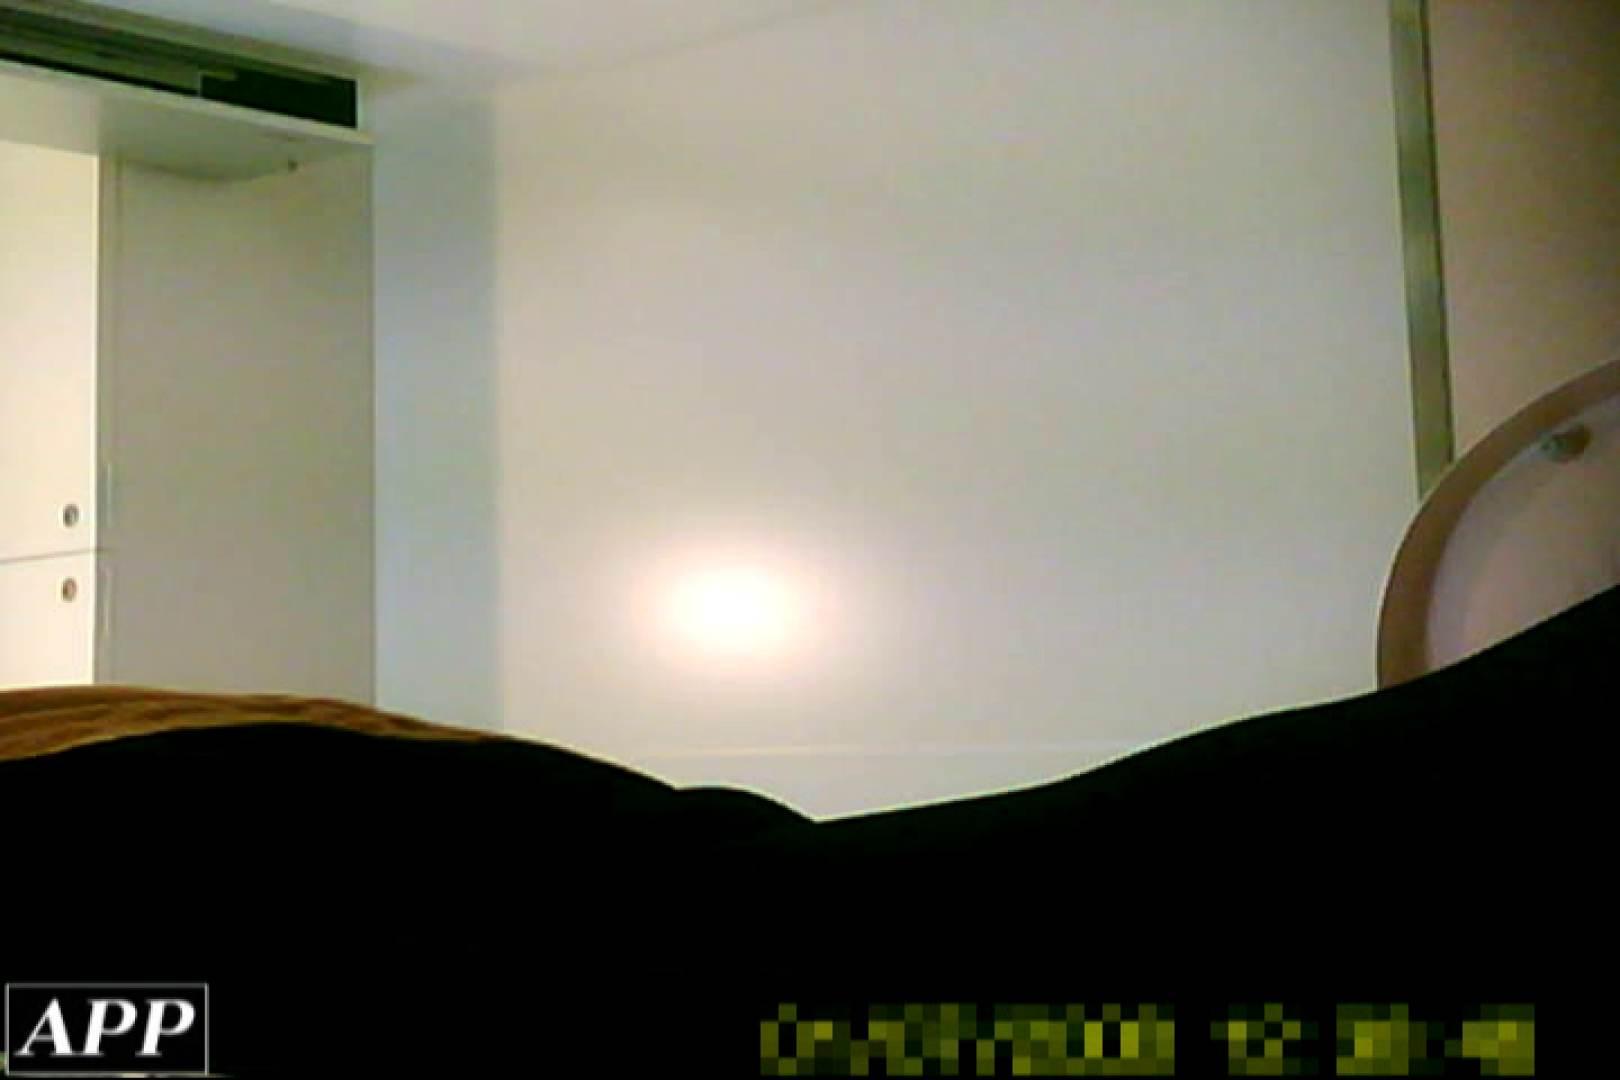 3視点洗面所 vol.93 盗撮師作品 隠し撮りオマンコ動画紹介 101pic 45